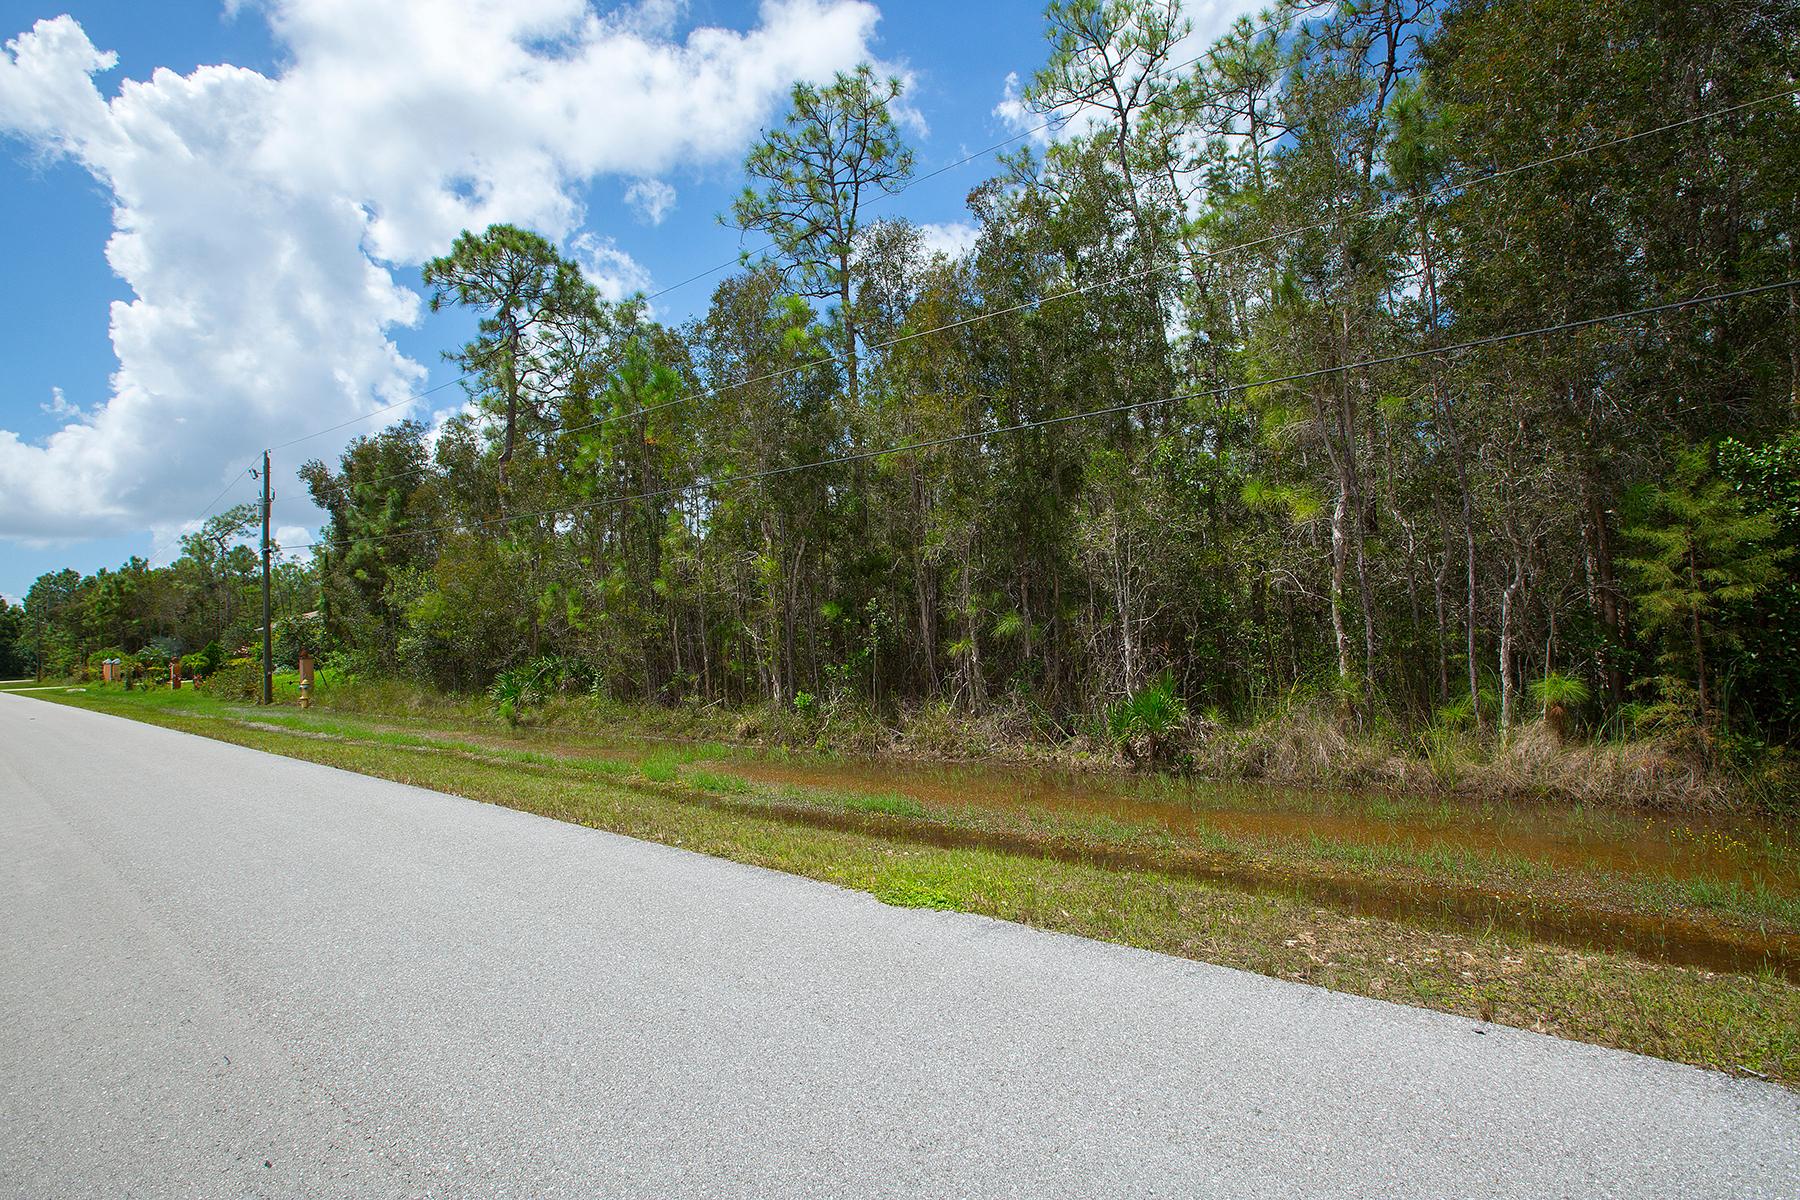 Land for Sale at SAN CARLOS ESTATES 24344 Roger Dodger St Bonita Springs, Florida, 34135 United States